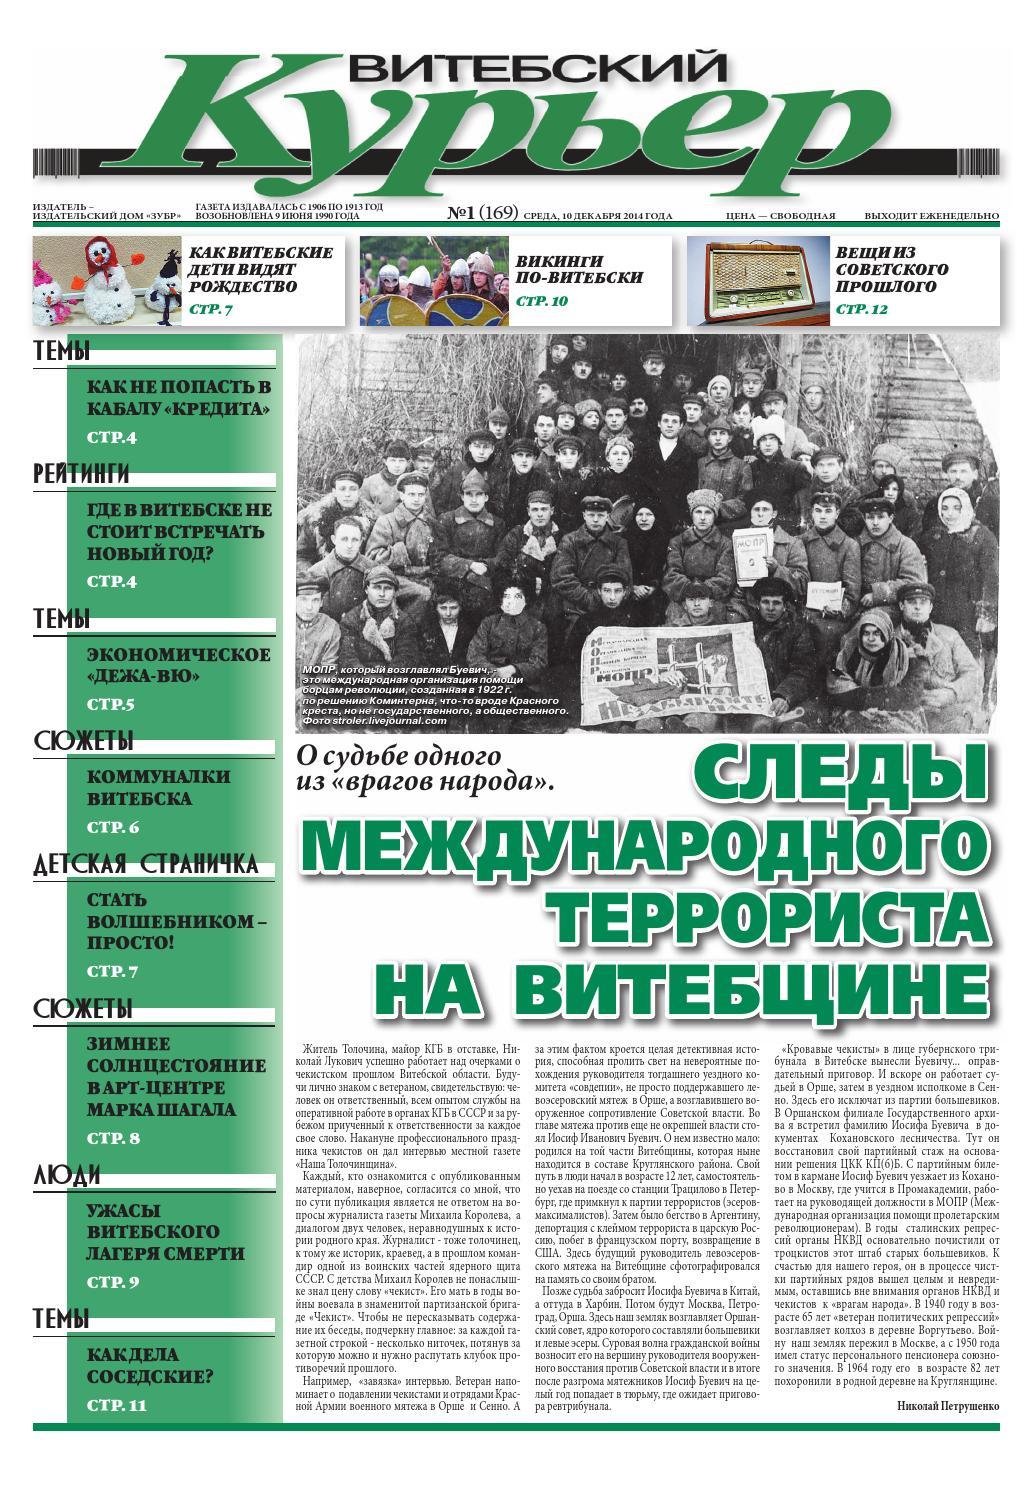 взять кредит в витебске на потребительские нужды кредит без емайла vam-groshi.com.ua